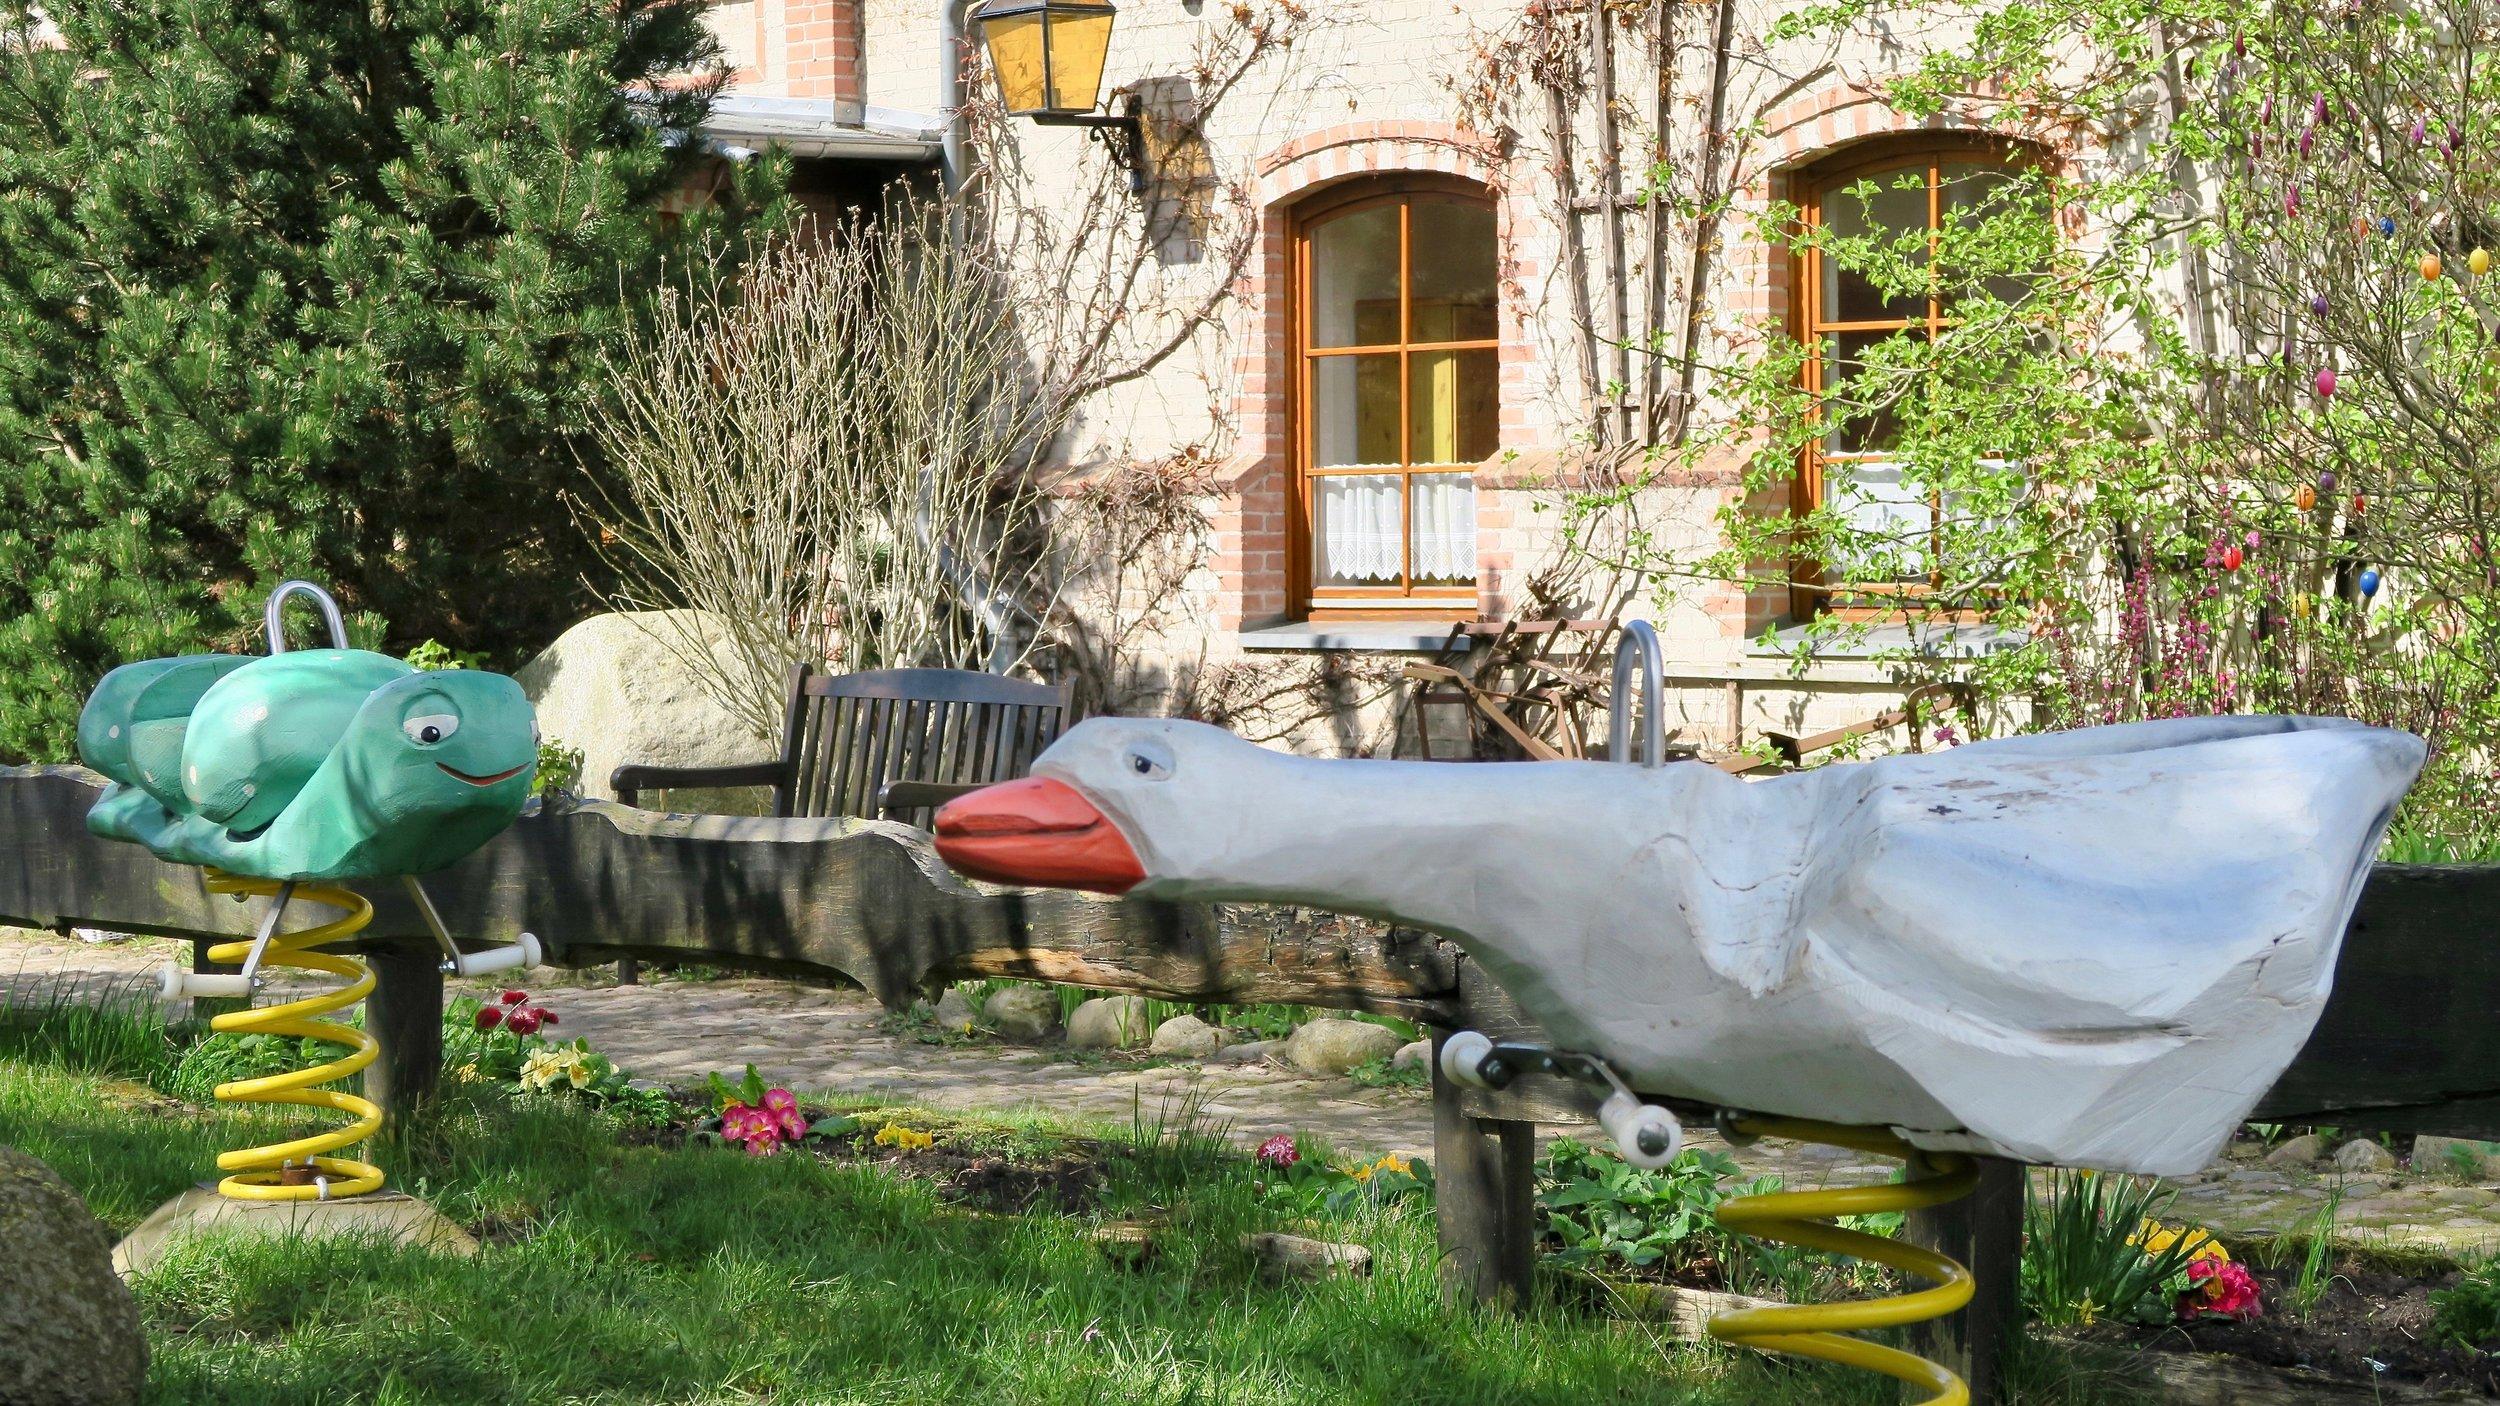 Urlaub Ostsee Pension Schmelzer Galerie 29 Wippen.jpg